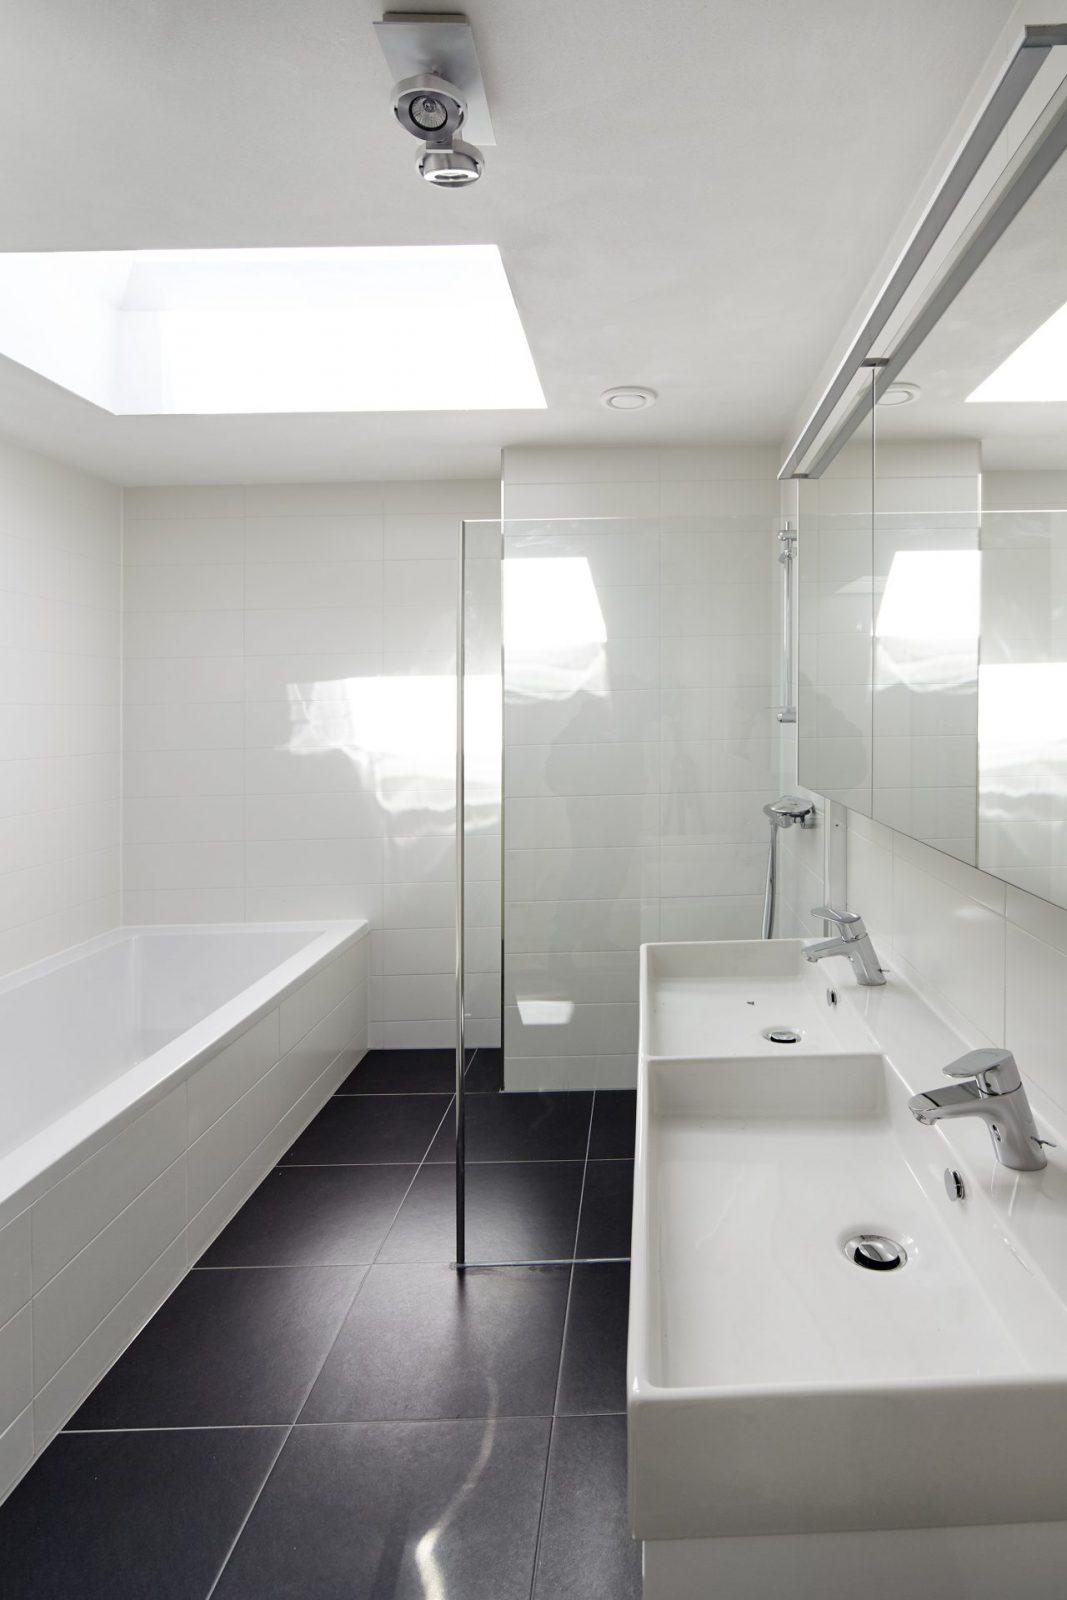 Badkamer met ligbad wastafel en douche - AHAM